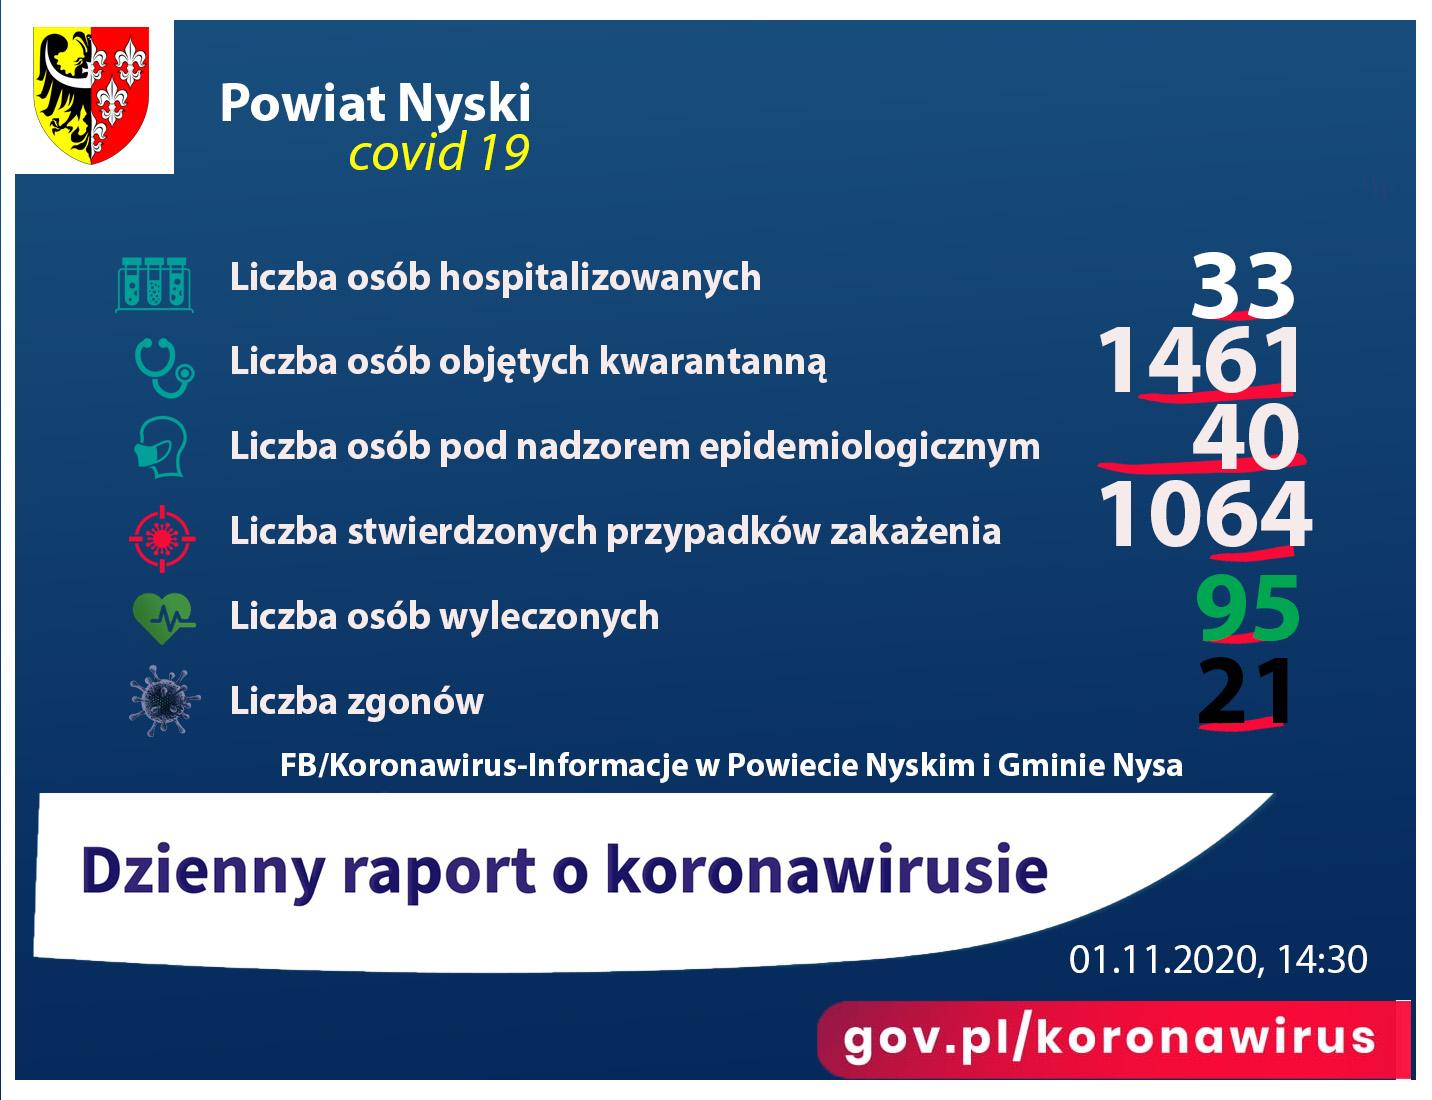 Liczba zakażeń - 1046, hospitalizacjs - 33, kwarantanna 1461, zgony 21, ozdrowieńcy - 95